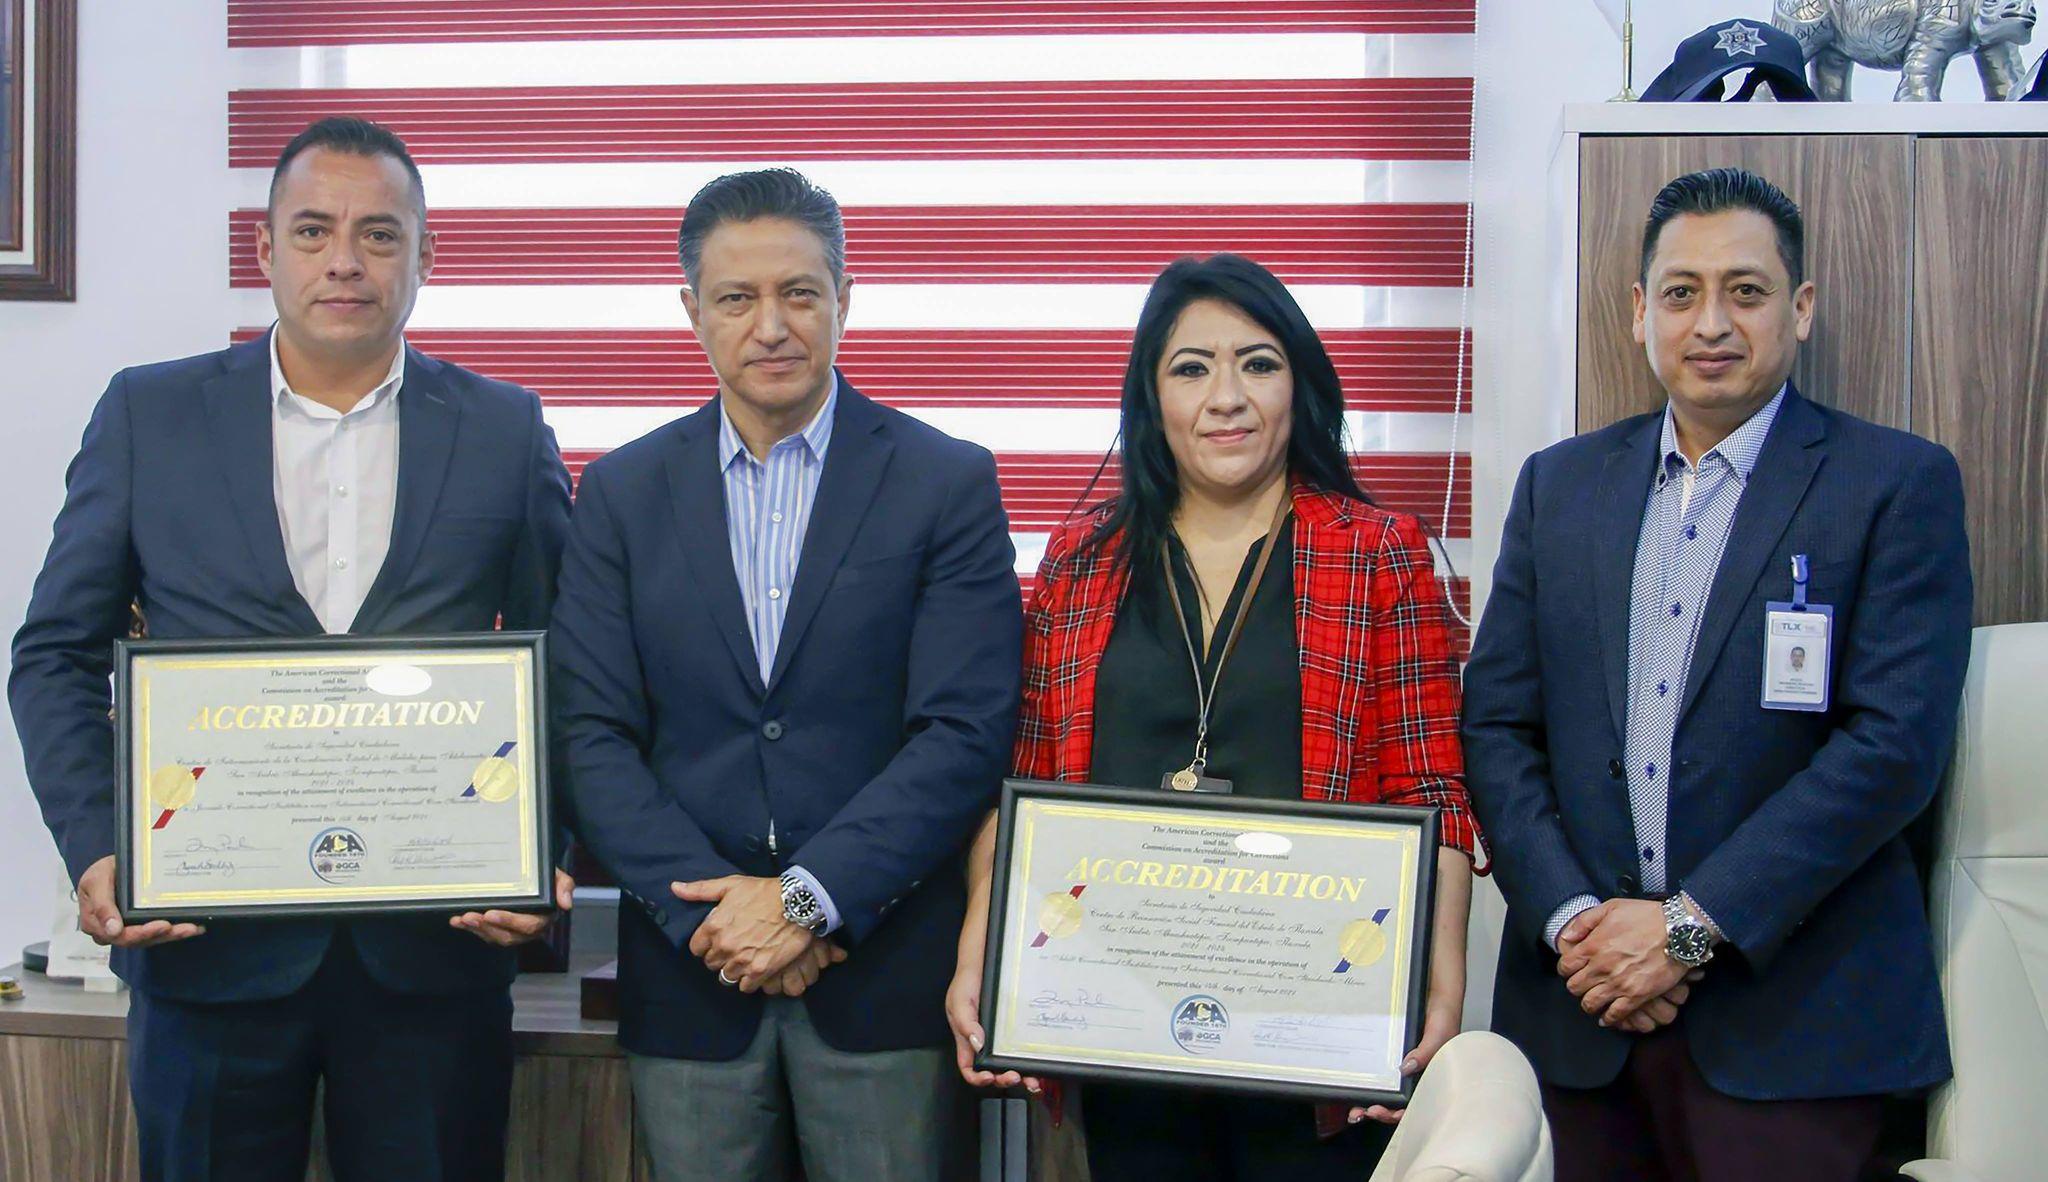 Tlaxcala logra la acreditación y re-acreditación del Centro de Reinserción Femenil y de Adolescentes ante la asociación de correccionales de América